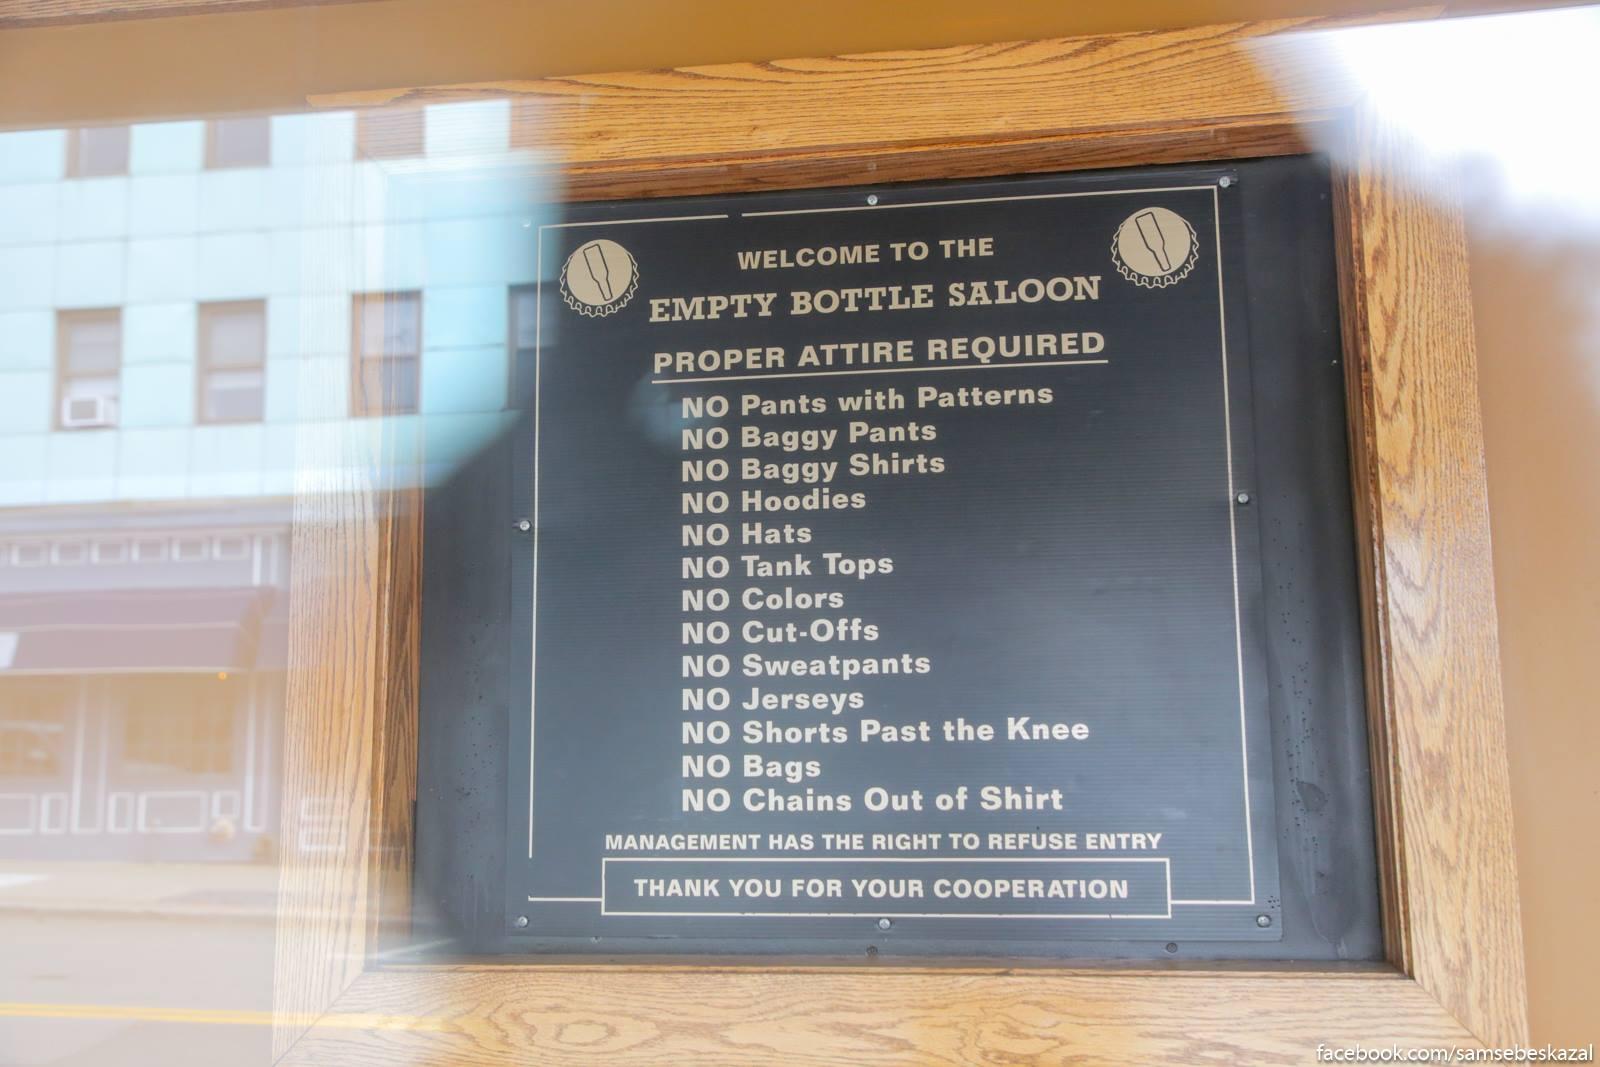 Нью-Йоркская провинция: городок Миддлтаун. Sloznye pravila posesenia mestnogo pitejnogo zavedenia.